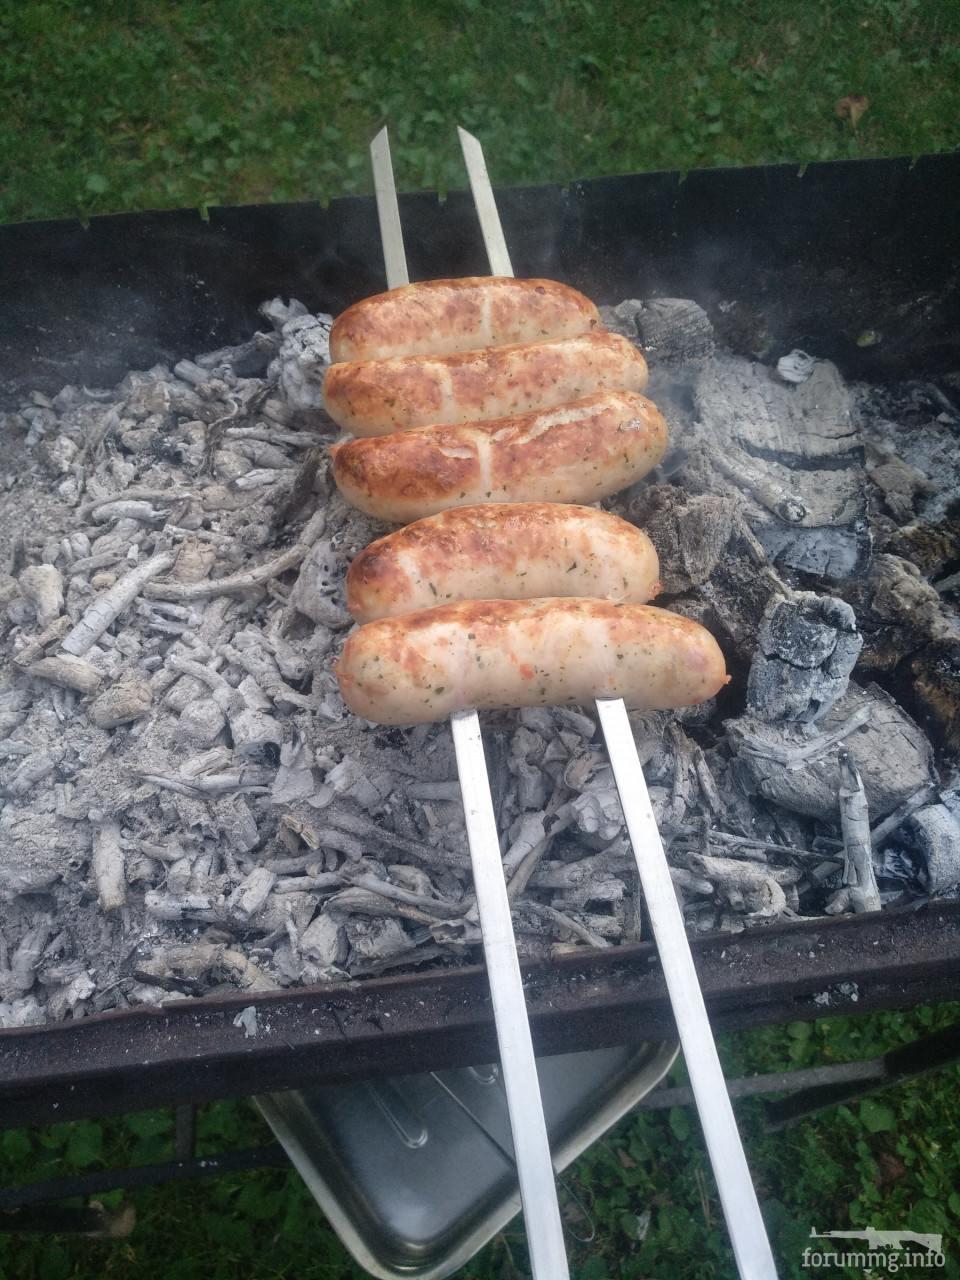 134855 - Закуски на огне (мангал, барбекю и т.д.) и кулинария вообще. Советы и рецепты.